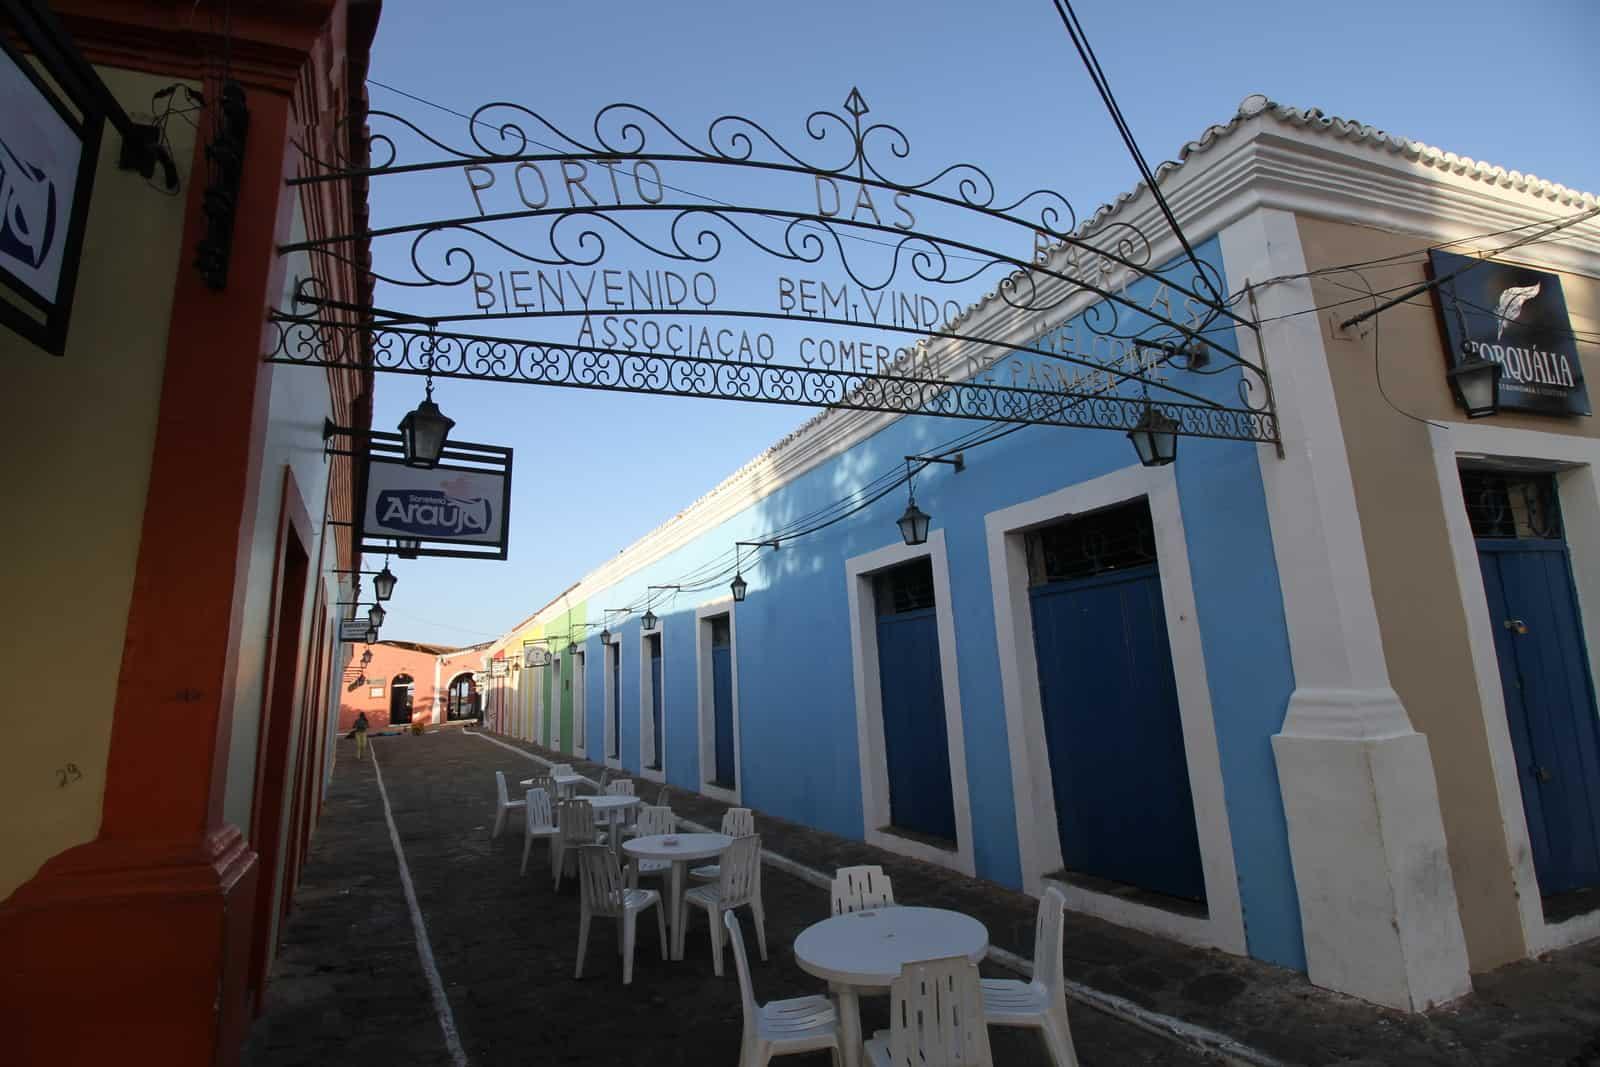 Porto das Barcas, centro Histórico de Parnaíba